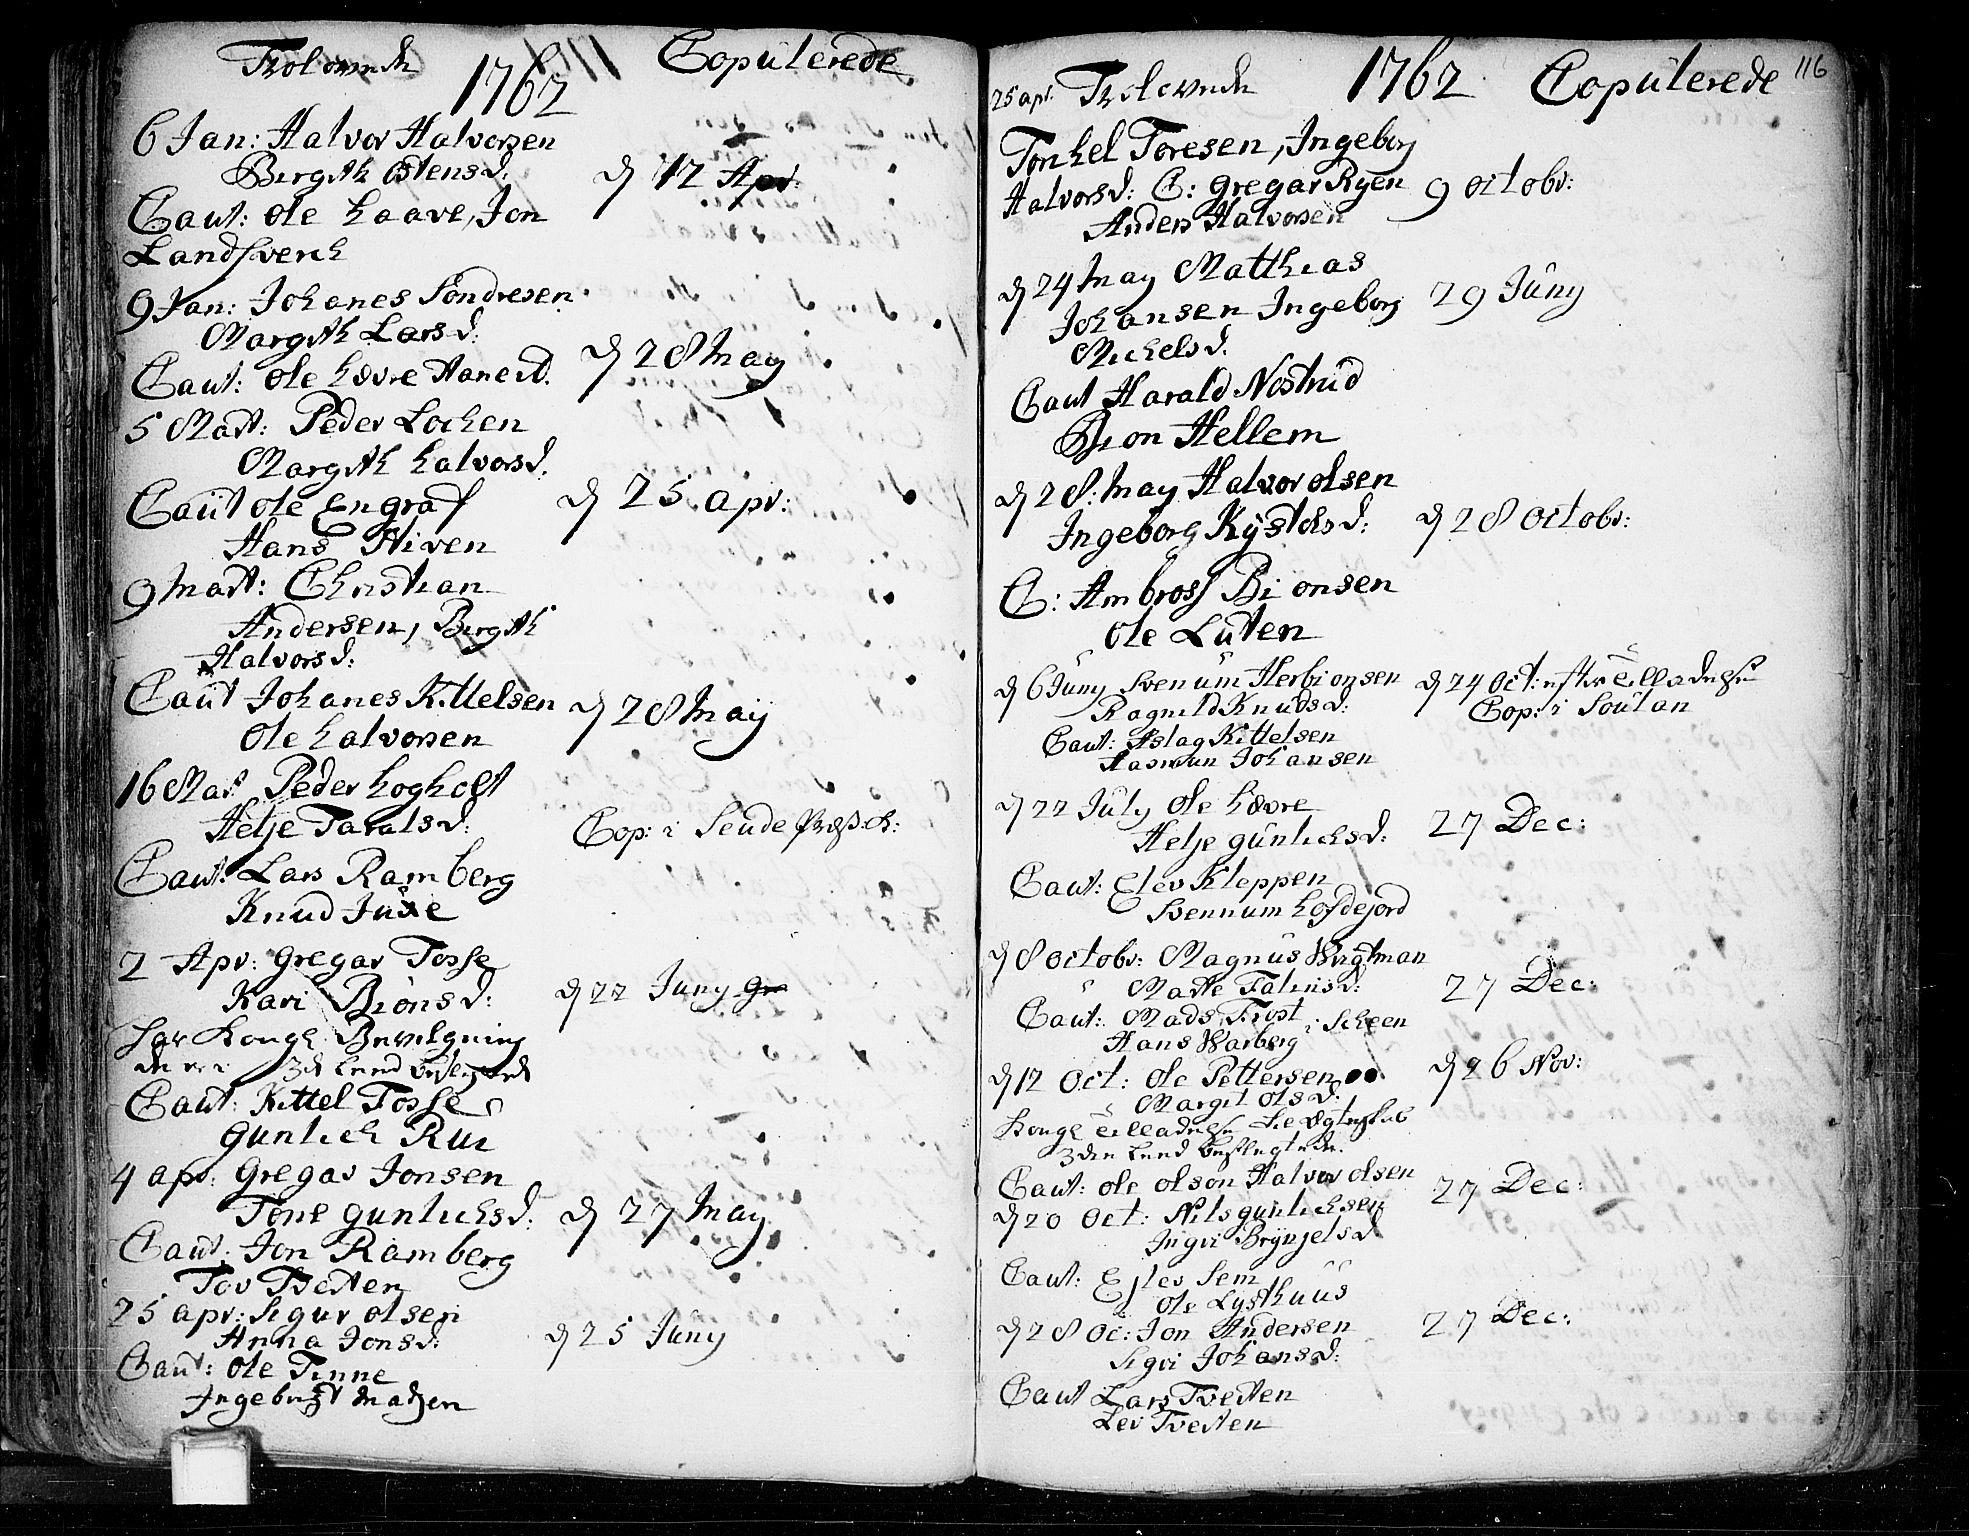 SAKO, Heddal kirkebøker, F/Fa/L0003: Ministerialbok nr. I 3, 1723-1783, s. 116